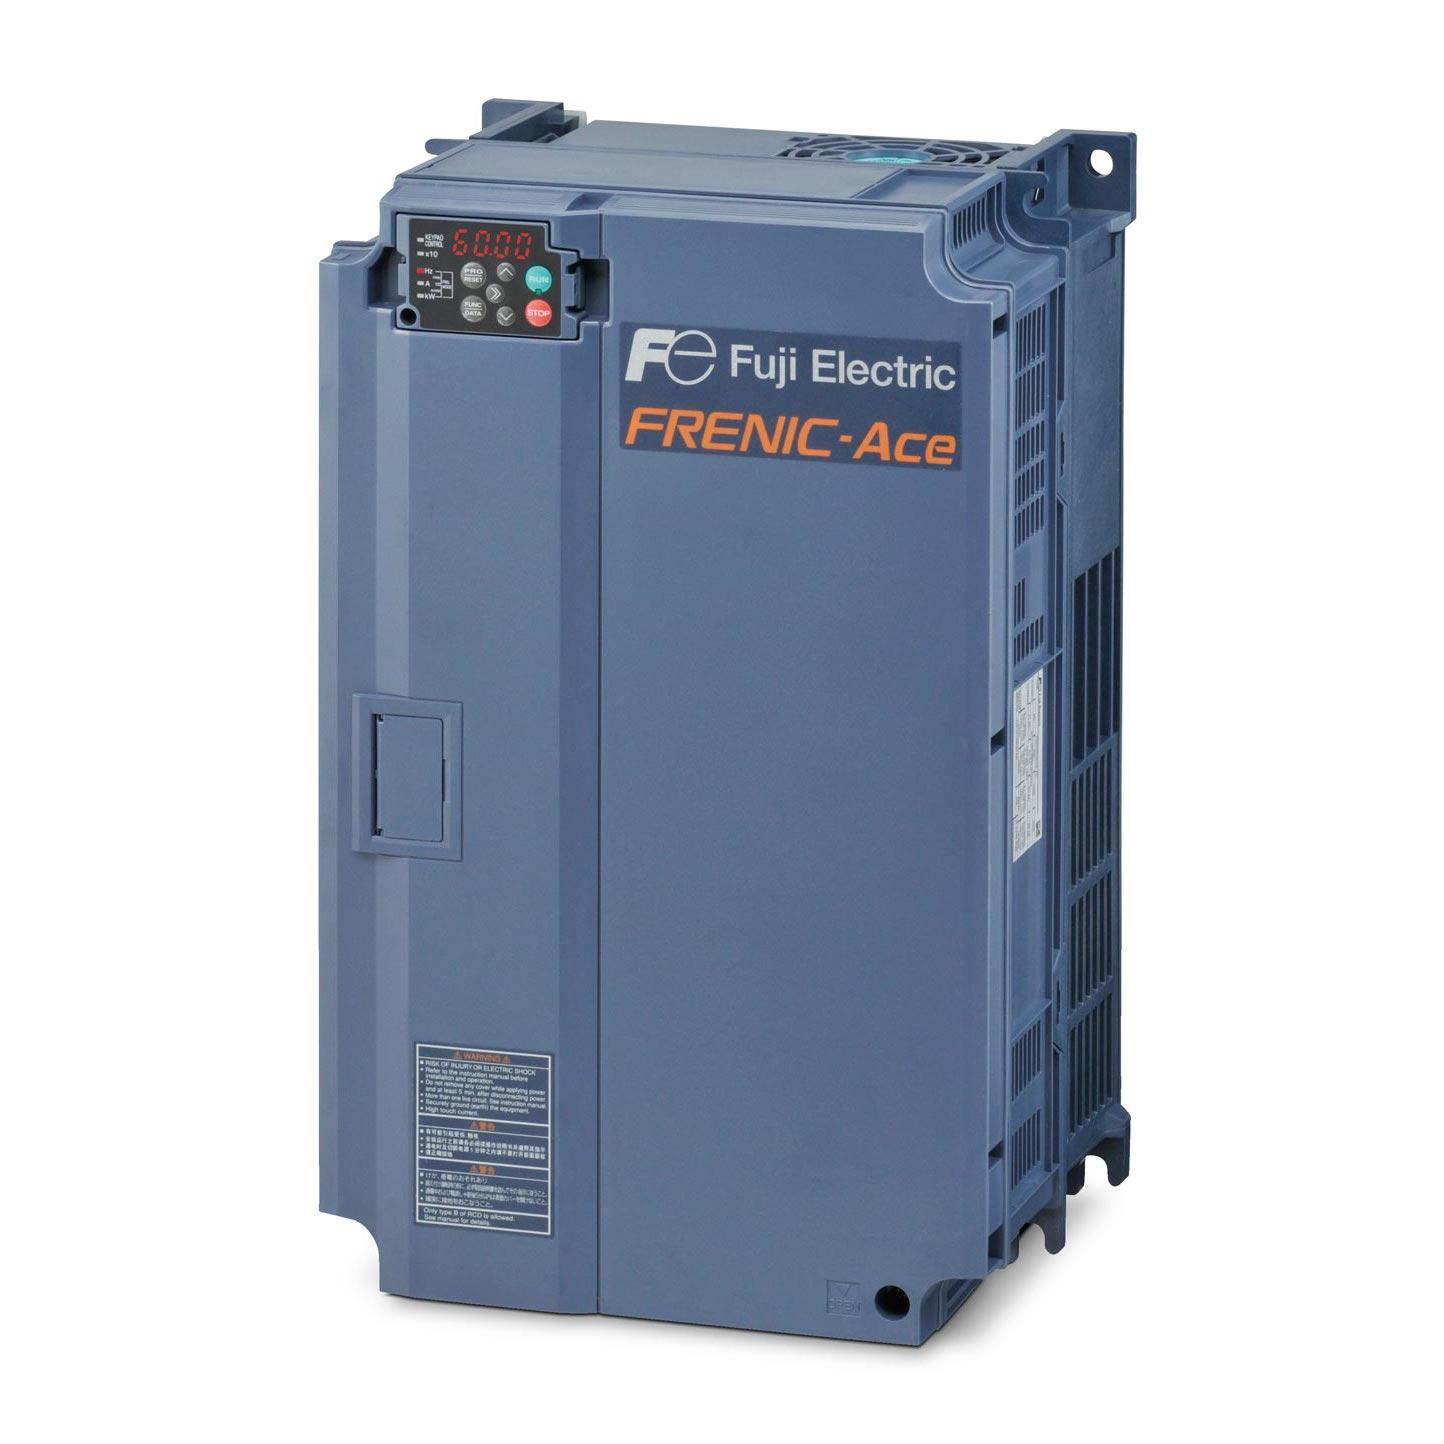 FRN0002E2S-2GB 1/2 HP Fuji FRENIC-ACE VFD